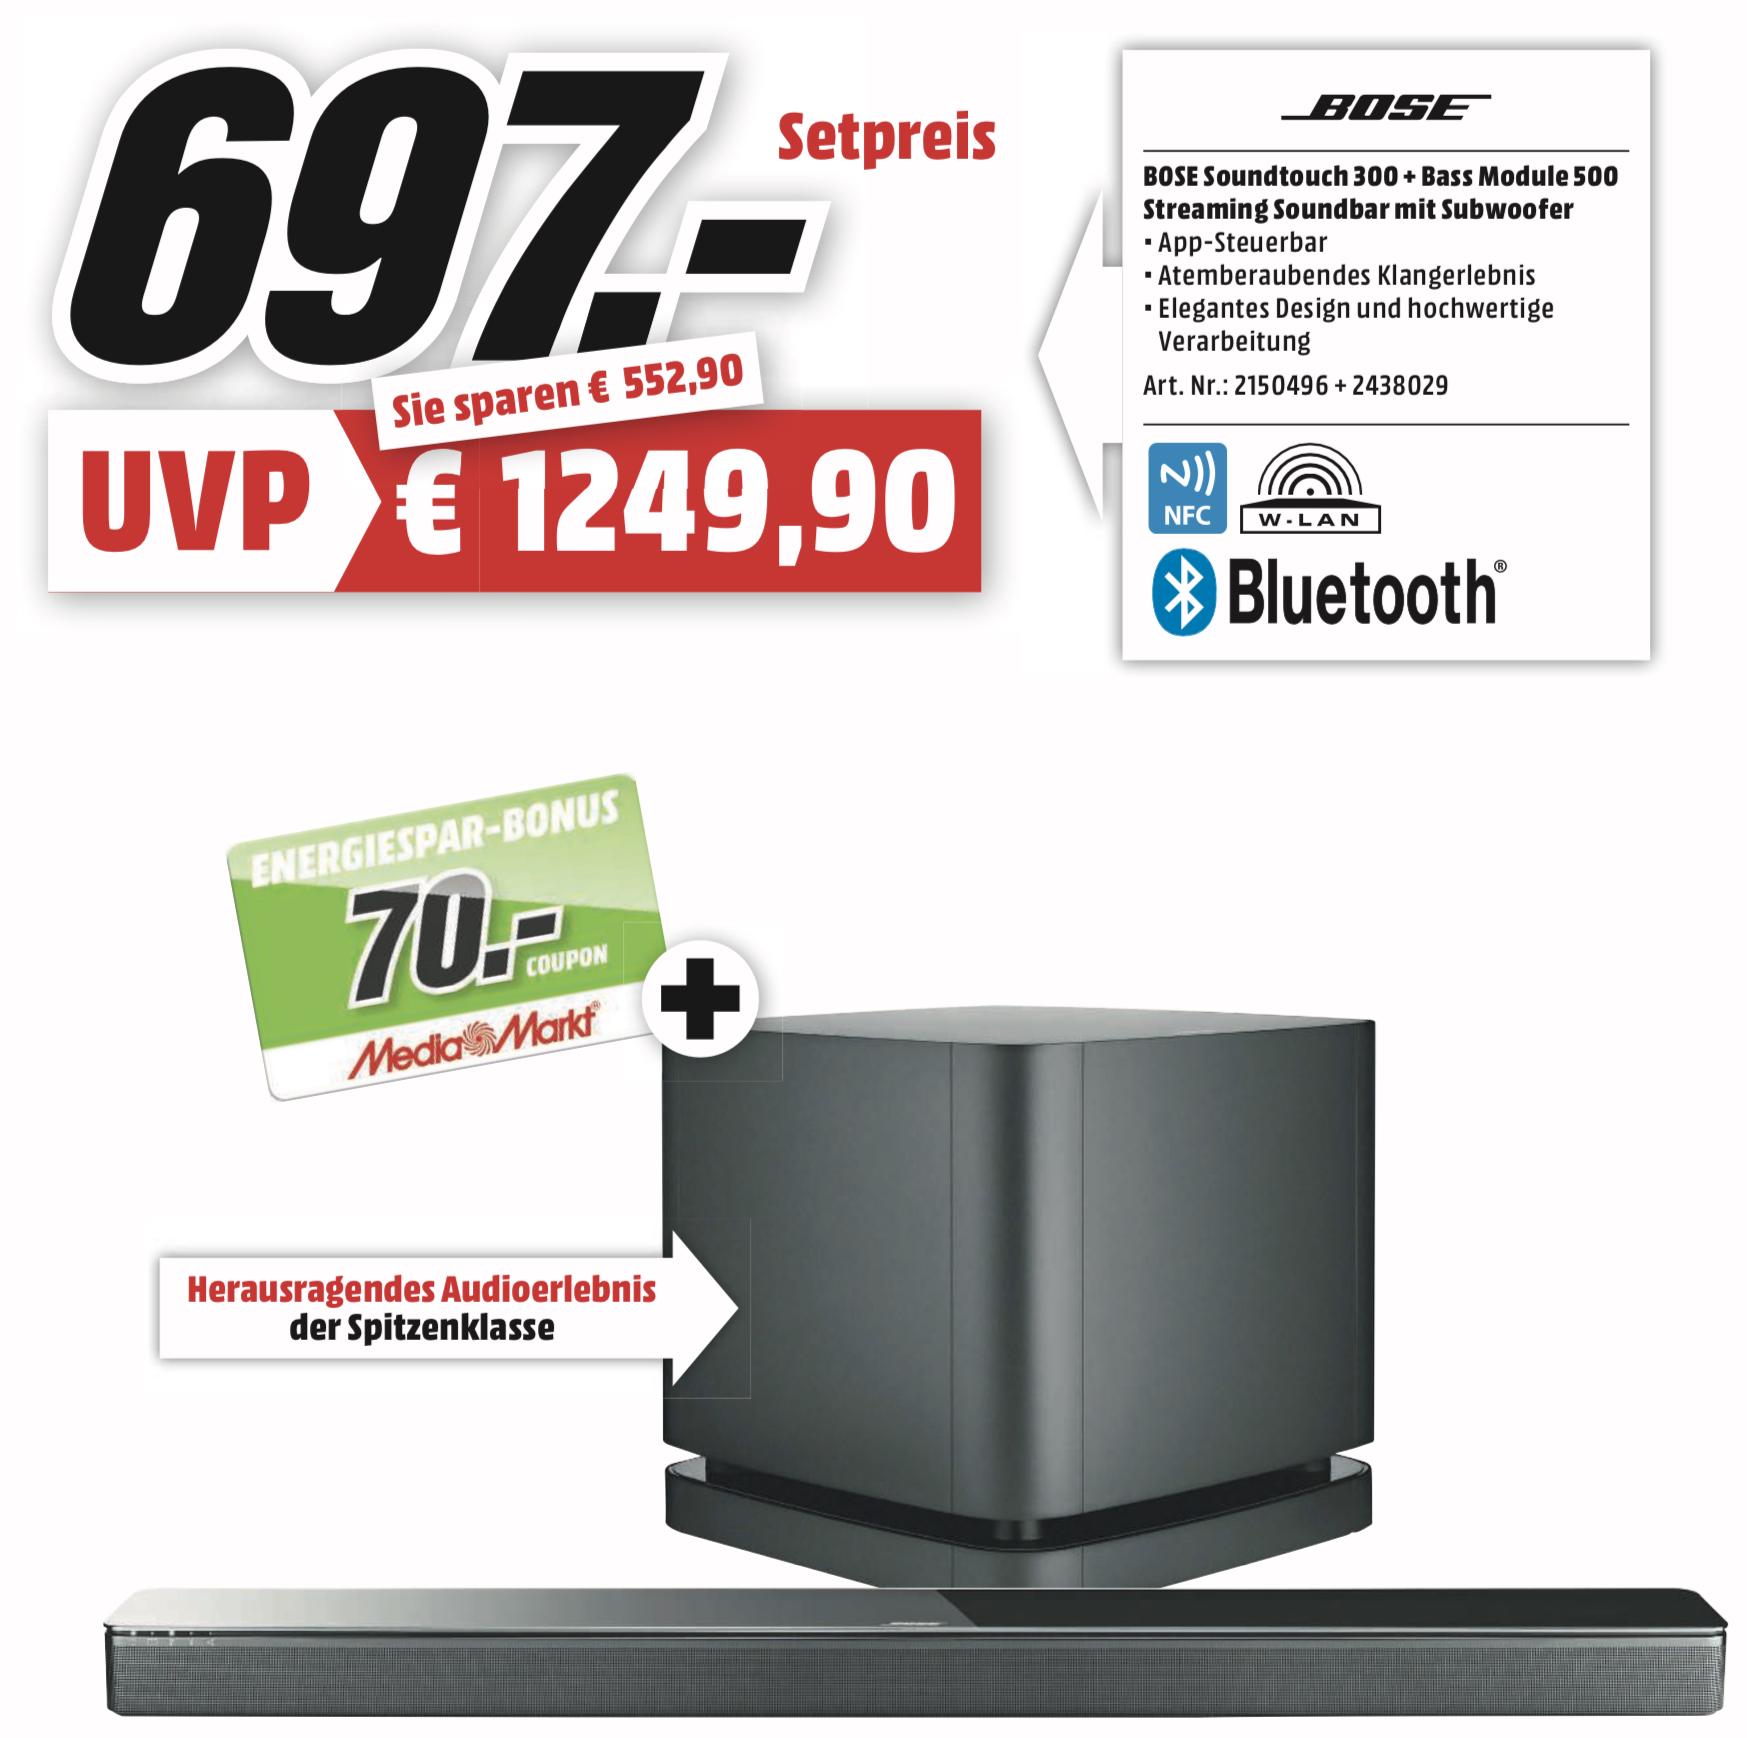 Lokal MediaMarkt Gründau-Lieblos: BOSE Soundtouch 300 + Bass Module 500 Streaming Soundbar mit Subwoofer für 697€ + 70€ Coupon!